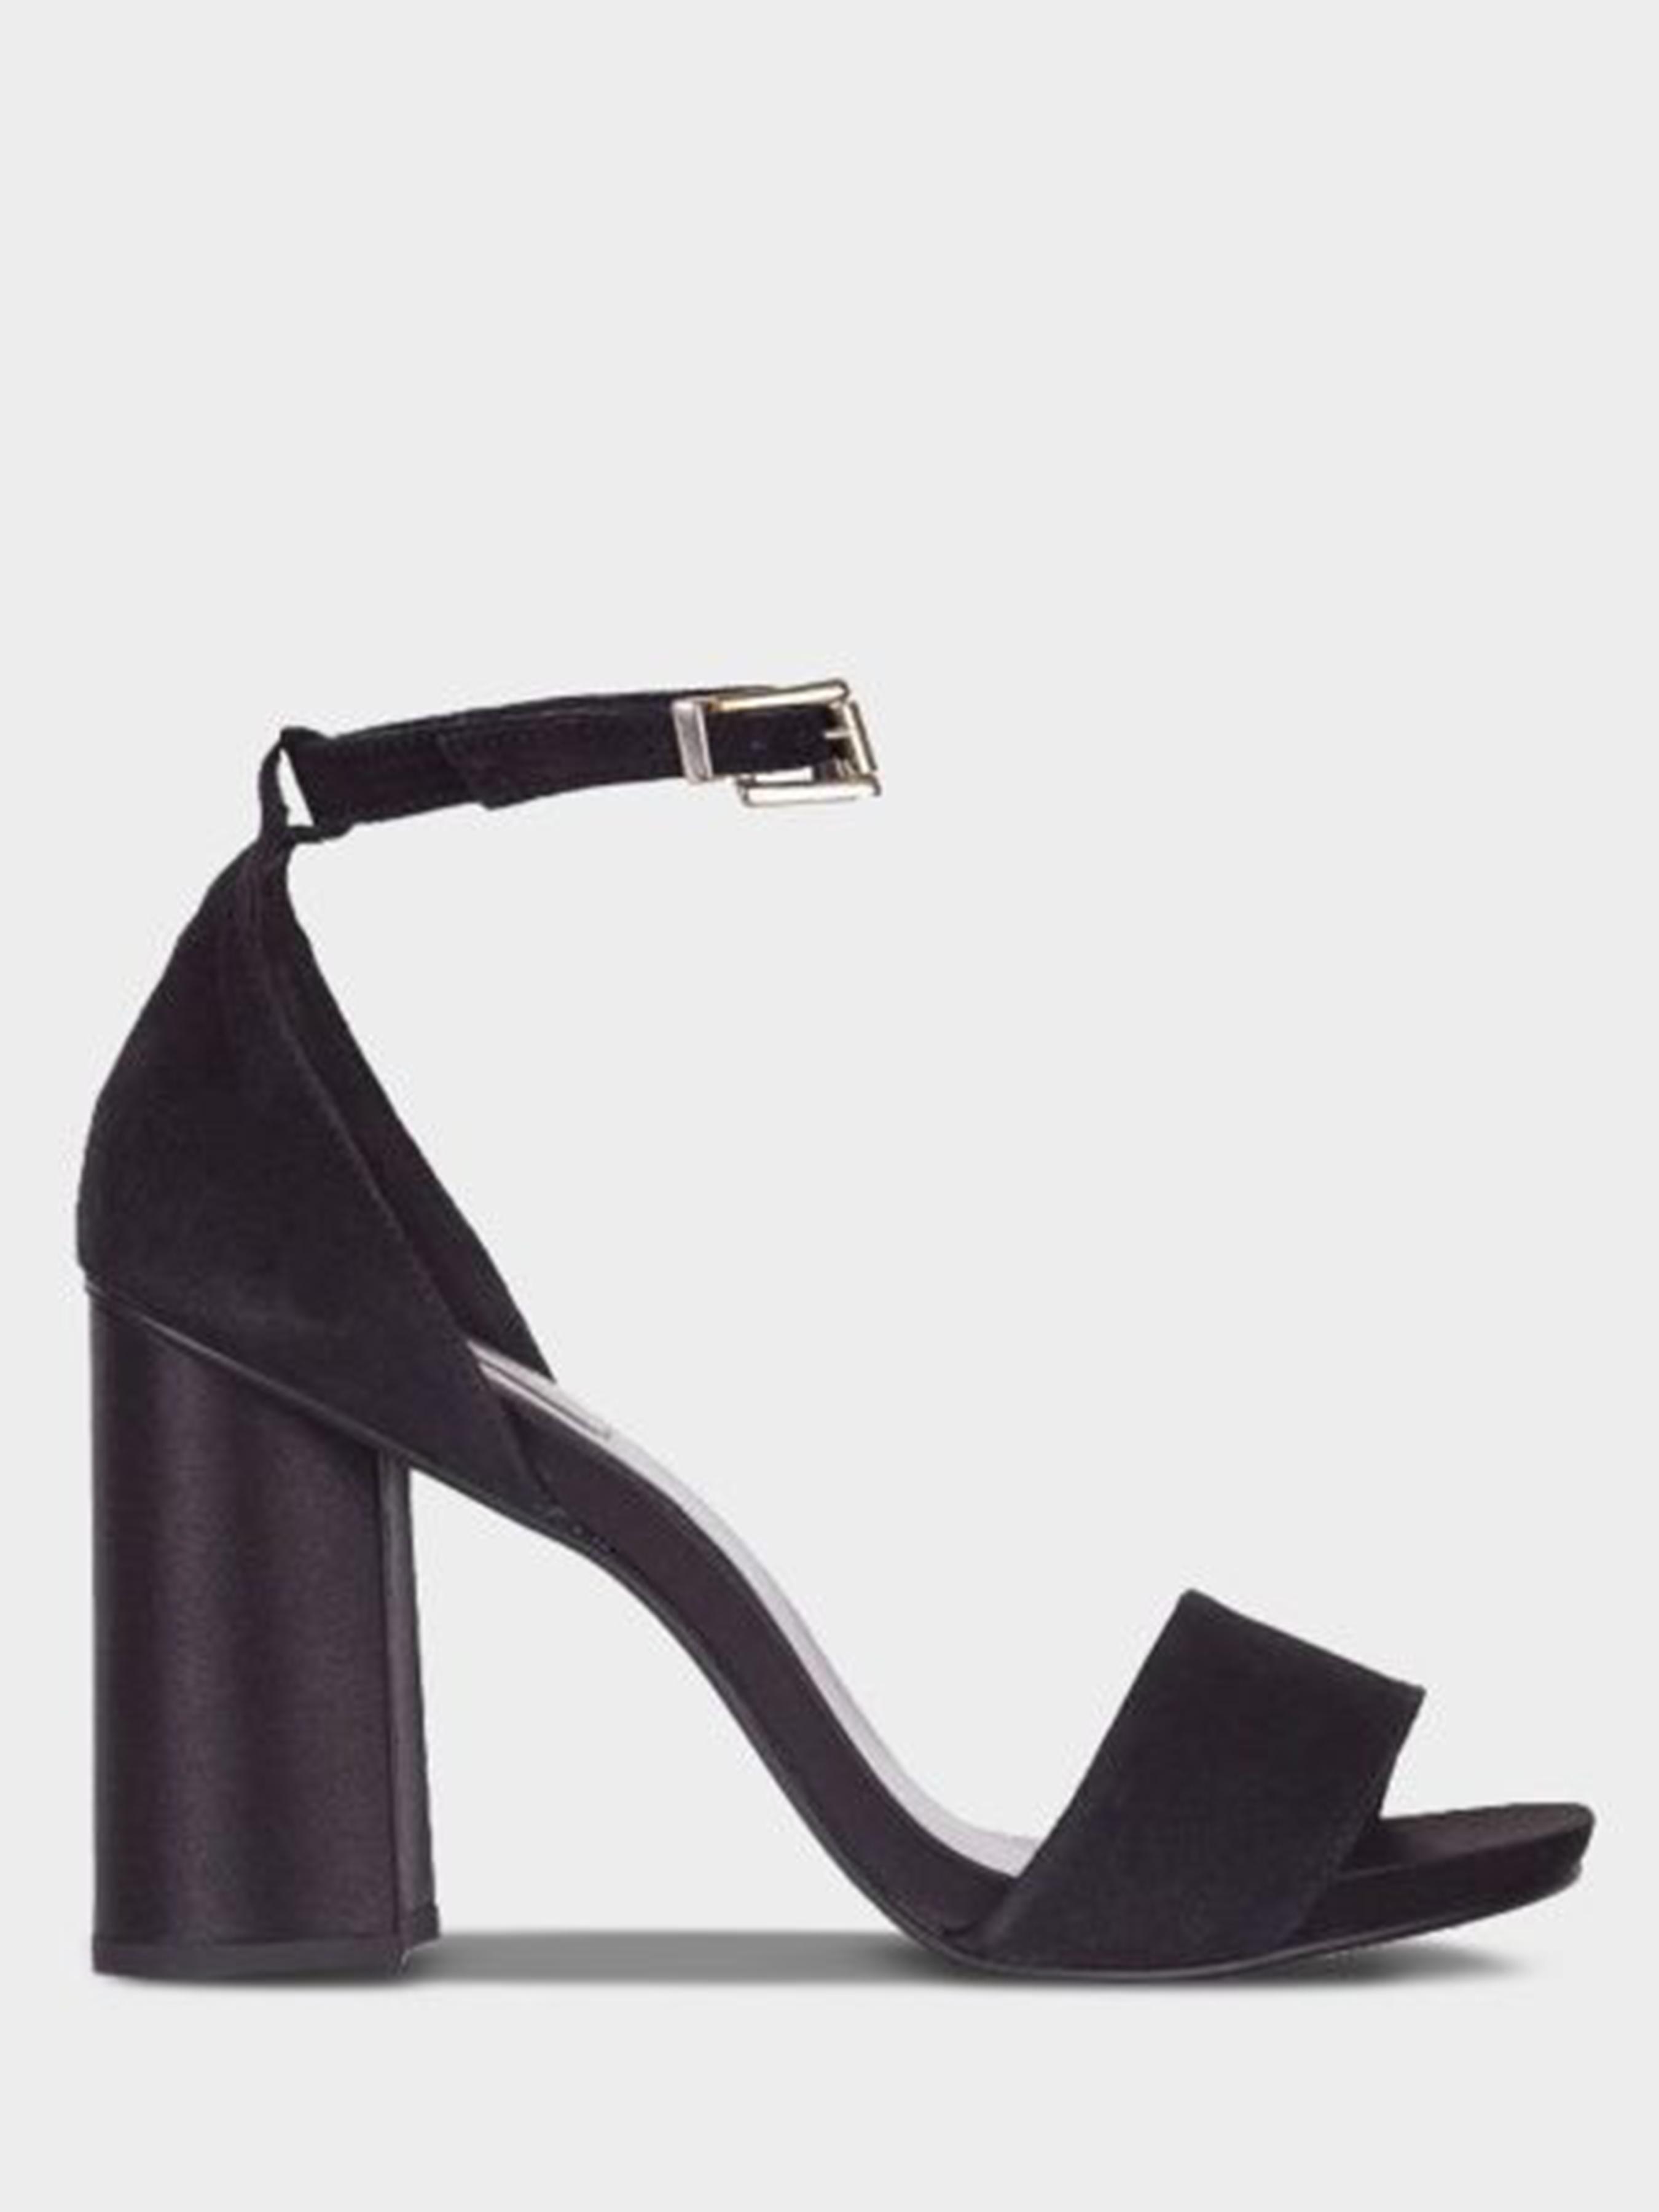 Босоножки для женщин Tosca Blu 4T19 размеры обуви, 2017